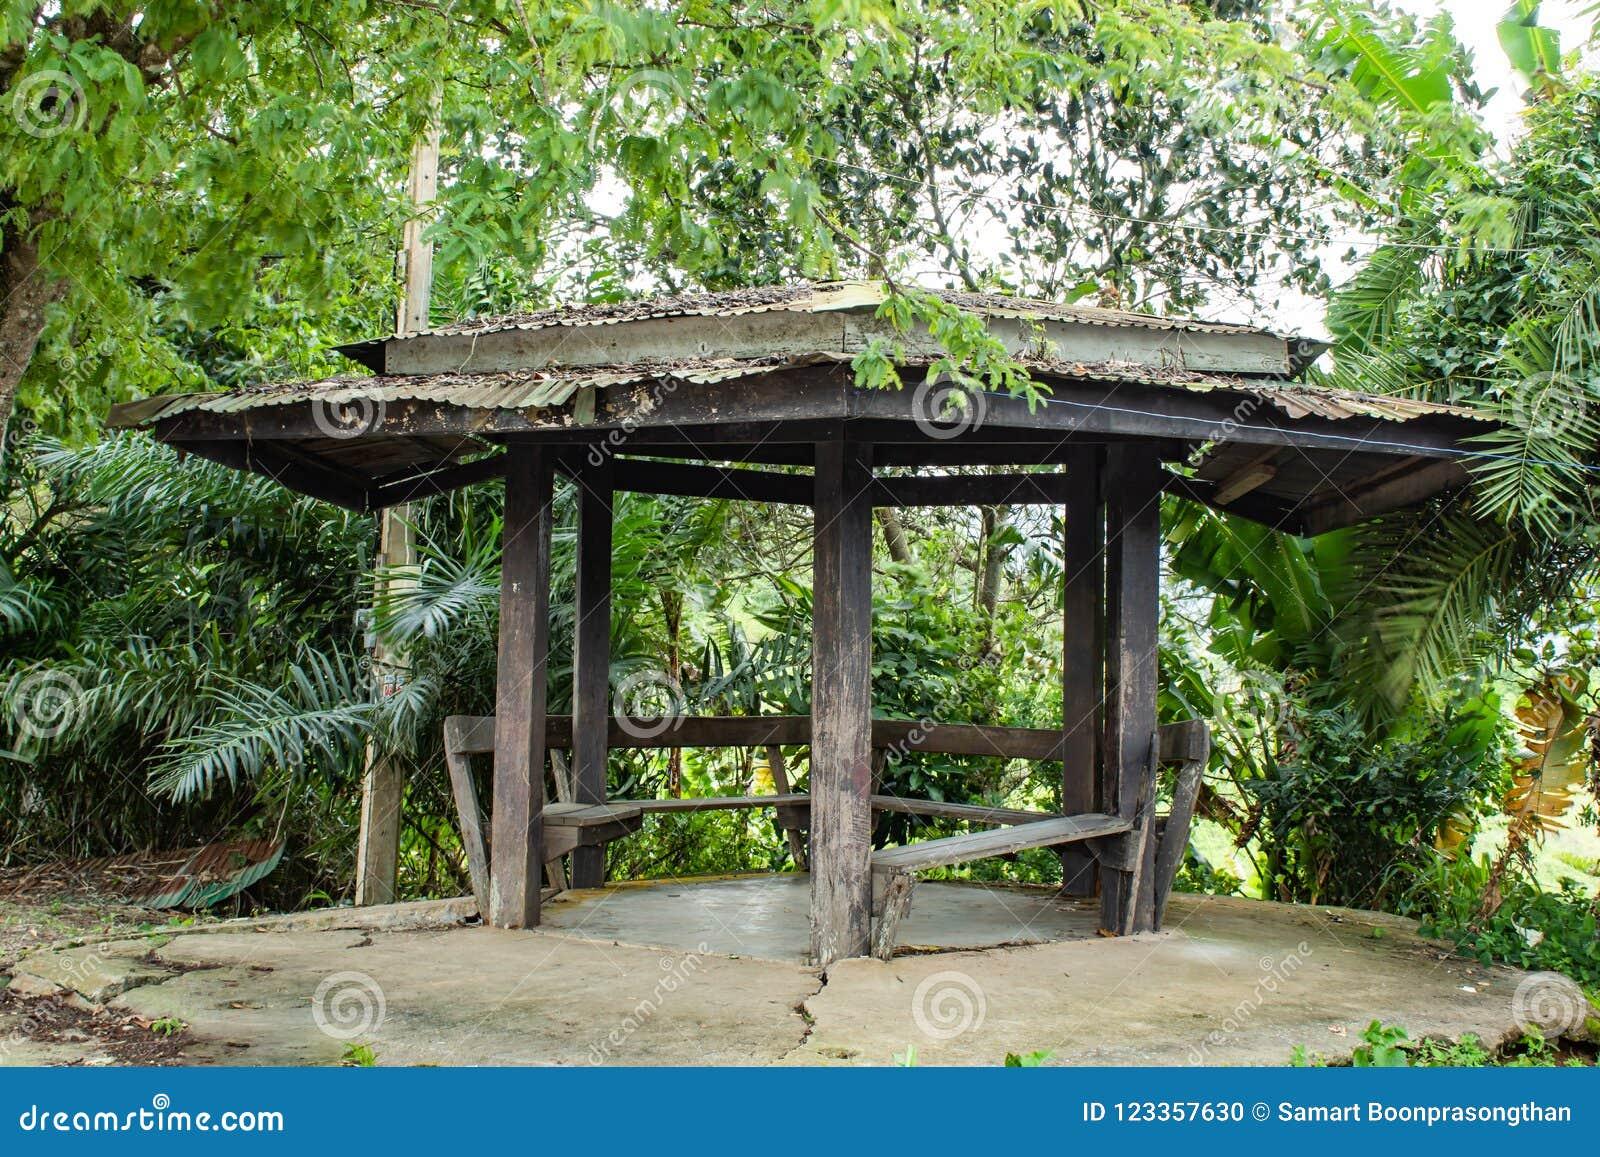 Los pabellones de madera para la relajación